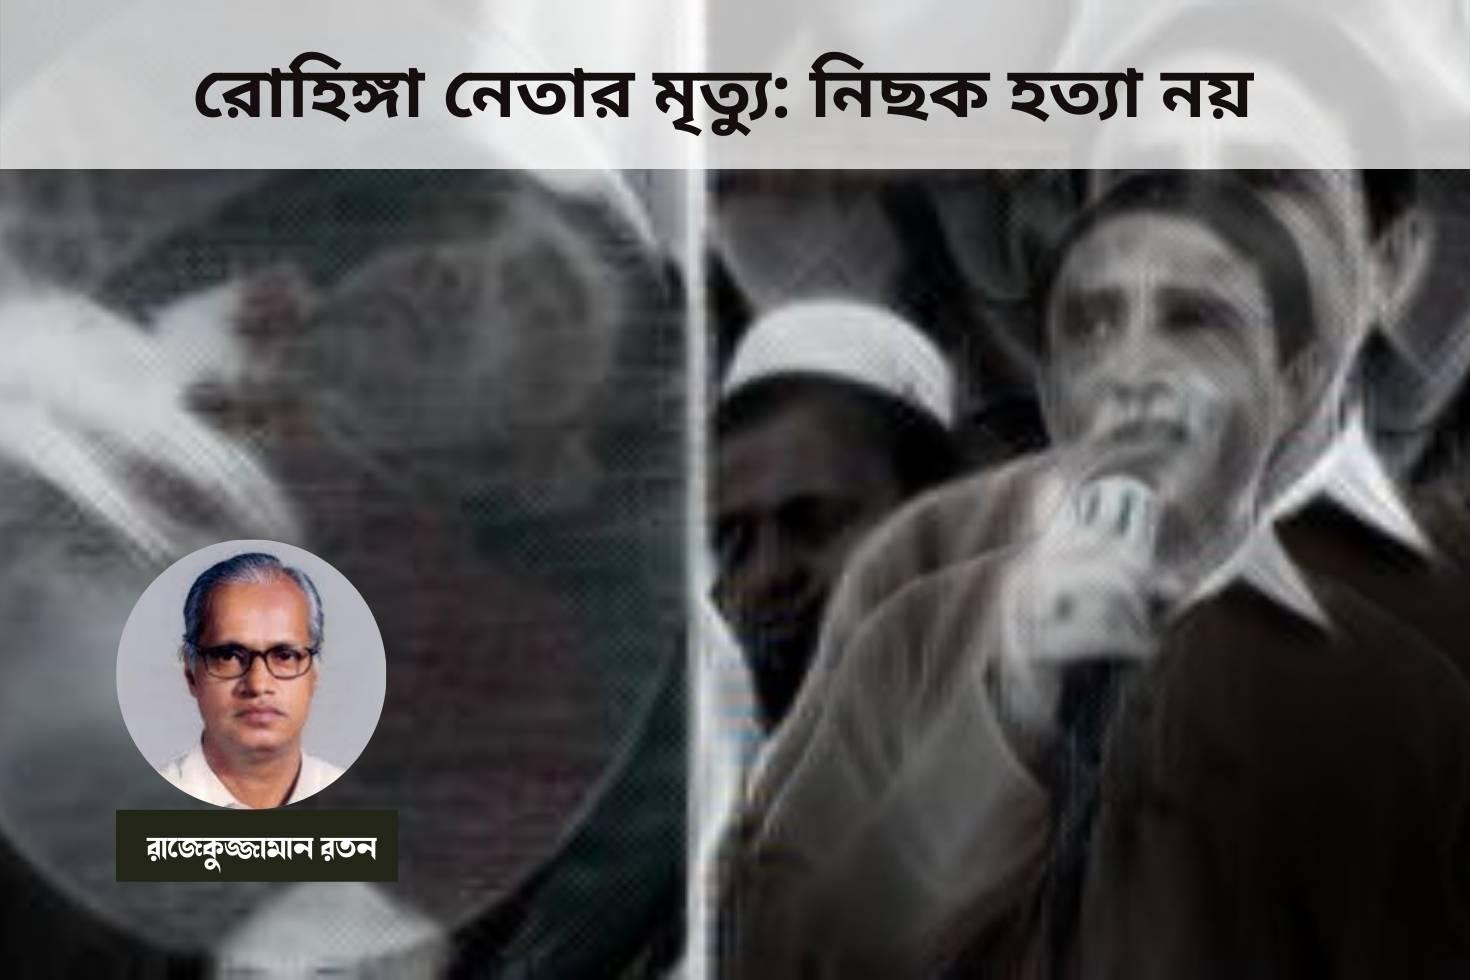 রোহিঙ্গা নেতার মৃত্যু: নিছক হত্যা নয়